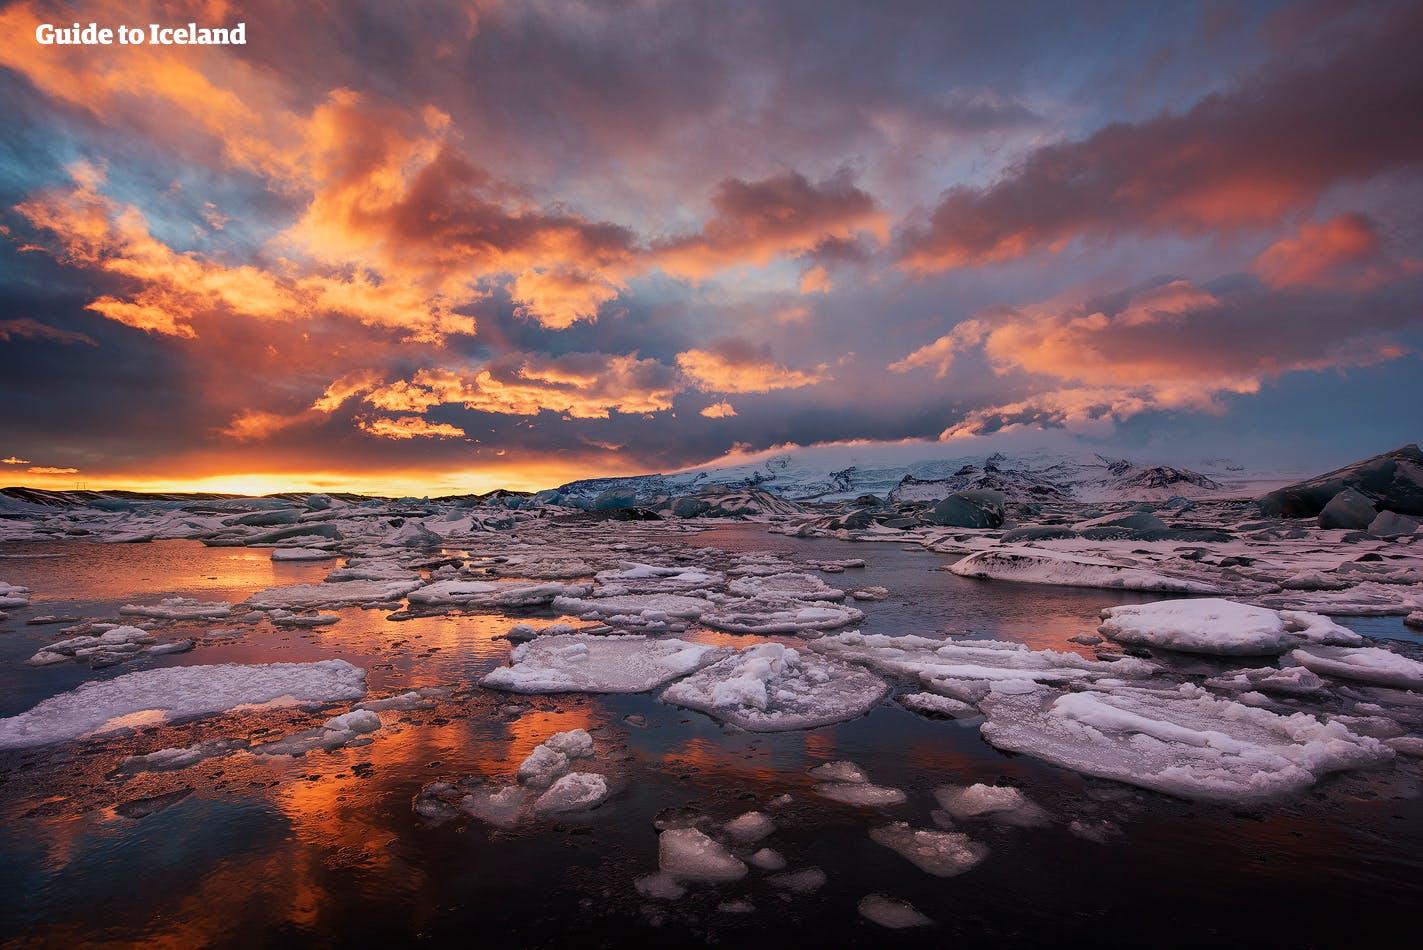 Les magnifiques paysages gelés de la lagune glaciaire Jökulsárlón, située dans le sud de l'Islande.